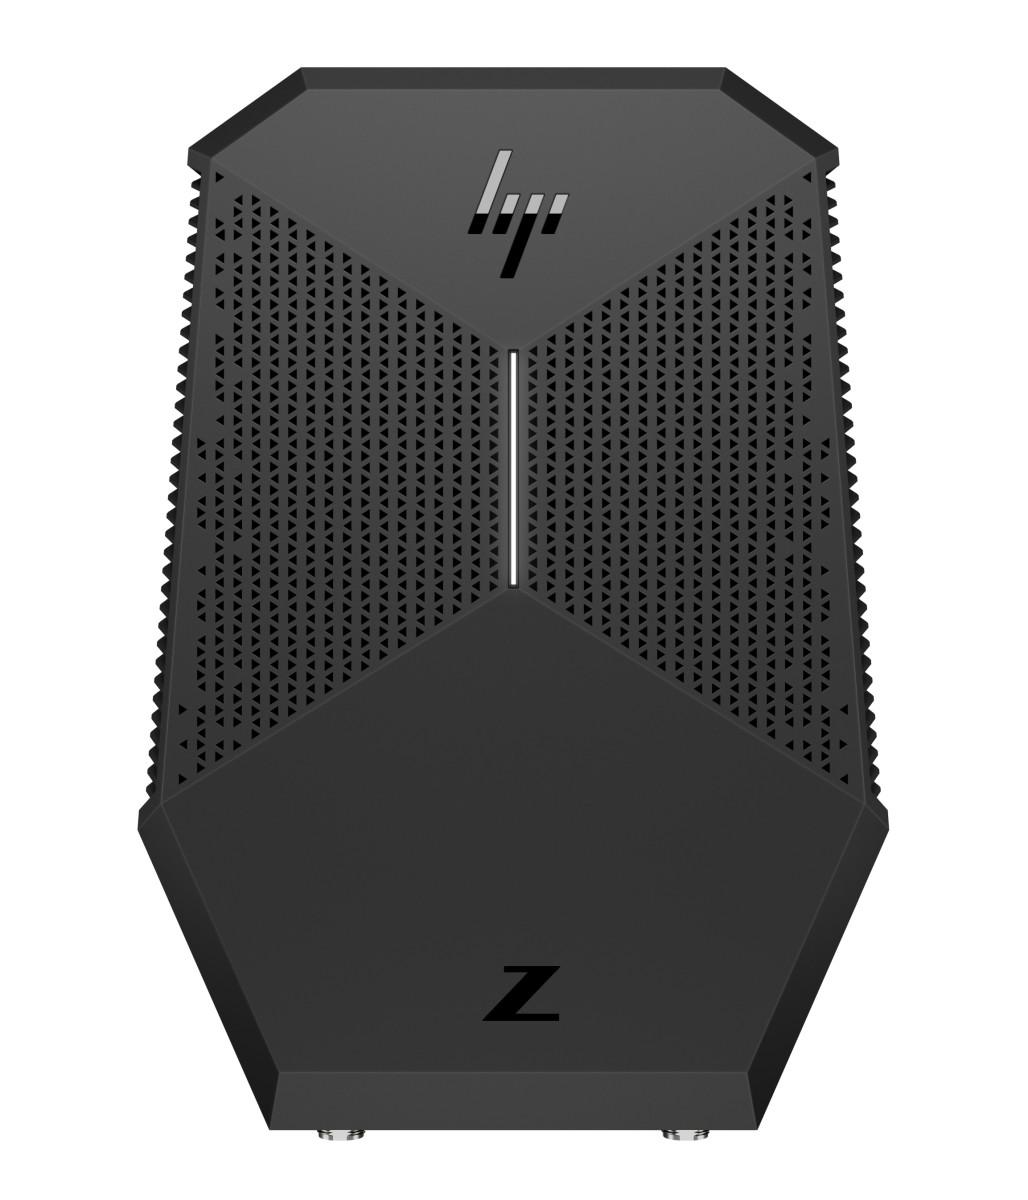 Obrázok produktu HP ZVR Backpack G1 i7-7820HQ/ 16GB/ 256GB/ LAN/ W10P